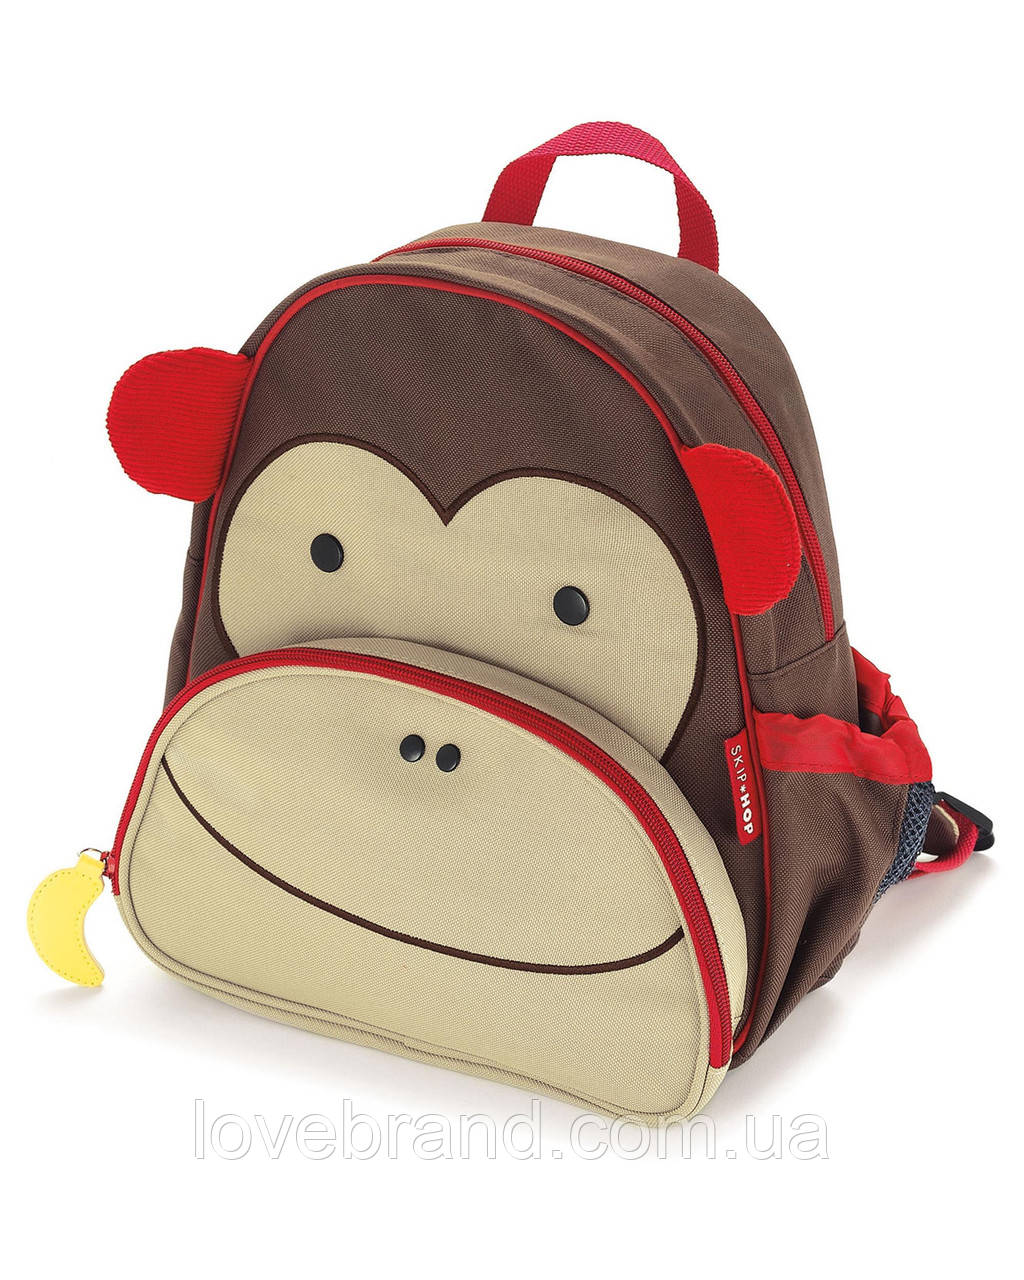 """Рюкзак для малыша SkipHop (США) """"Обезьяна"""", рюкзачок для мальчика от 3-х лет"""